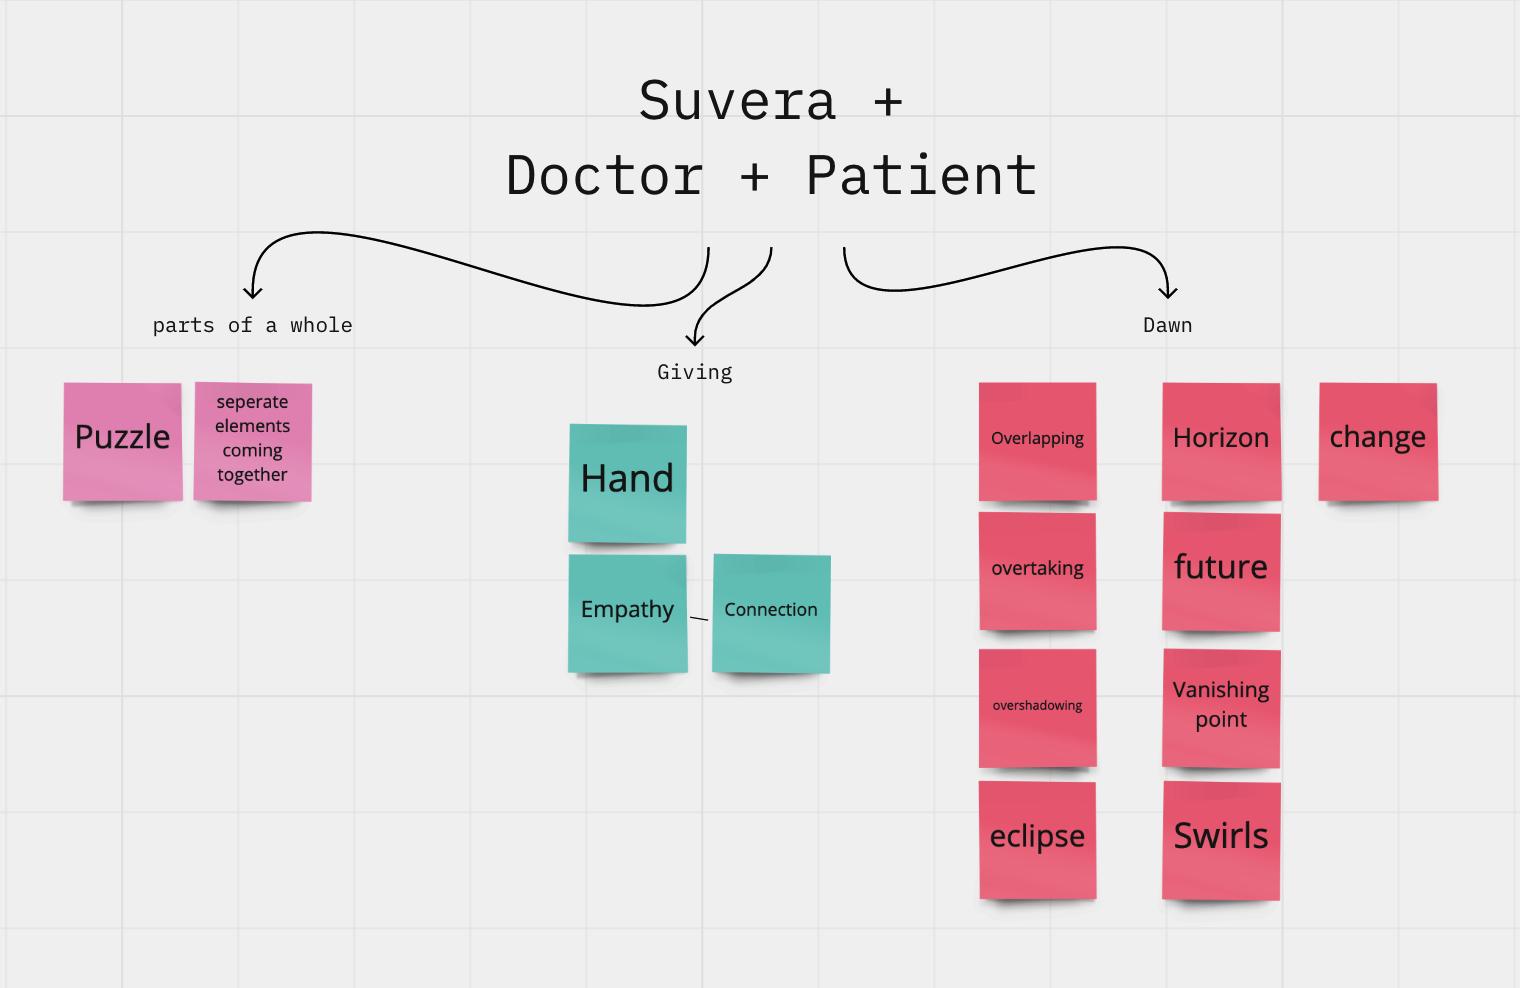 suvera + doctor + patient diagram